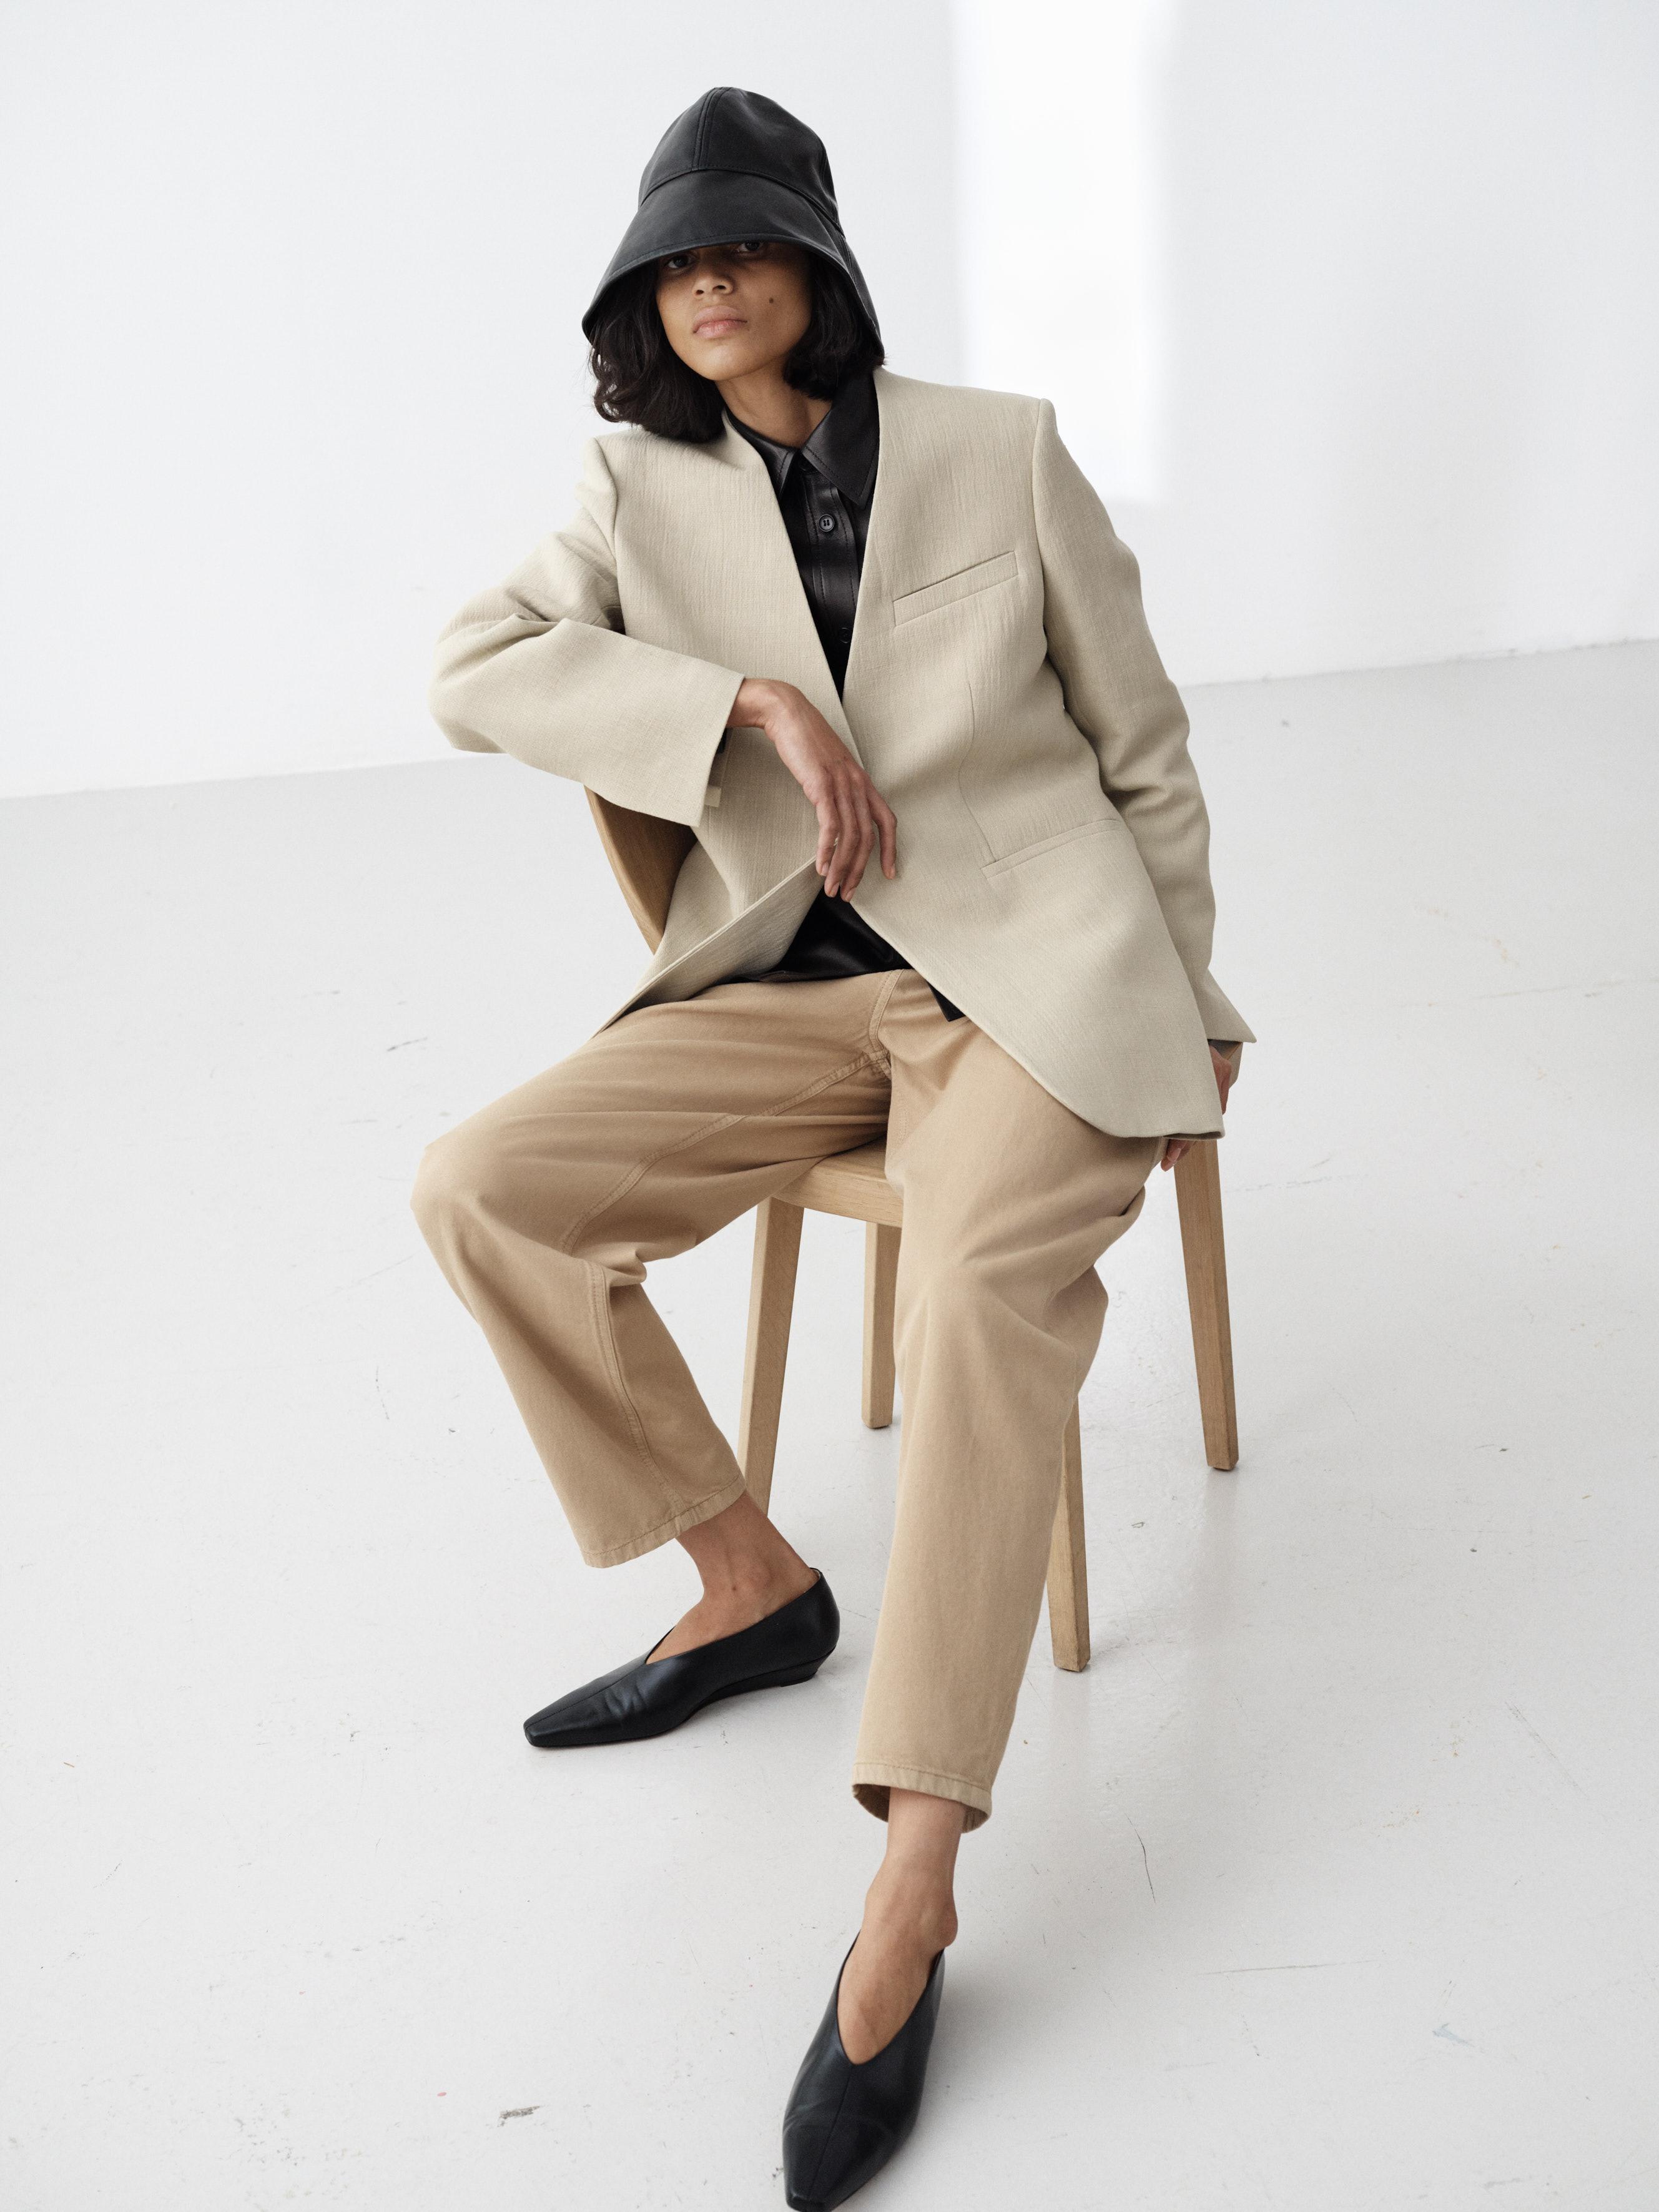 ARKET_AW20_Lookbook_Womenswear_11 EN